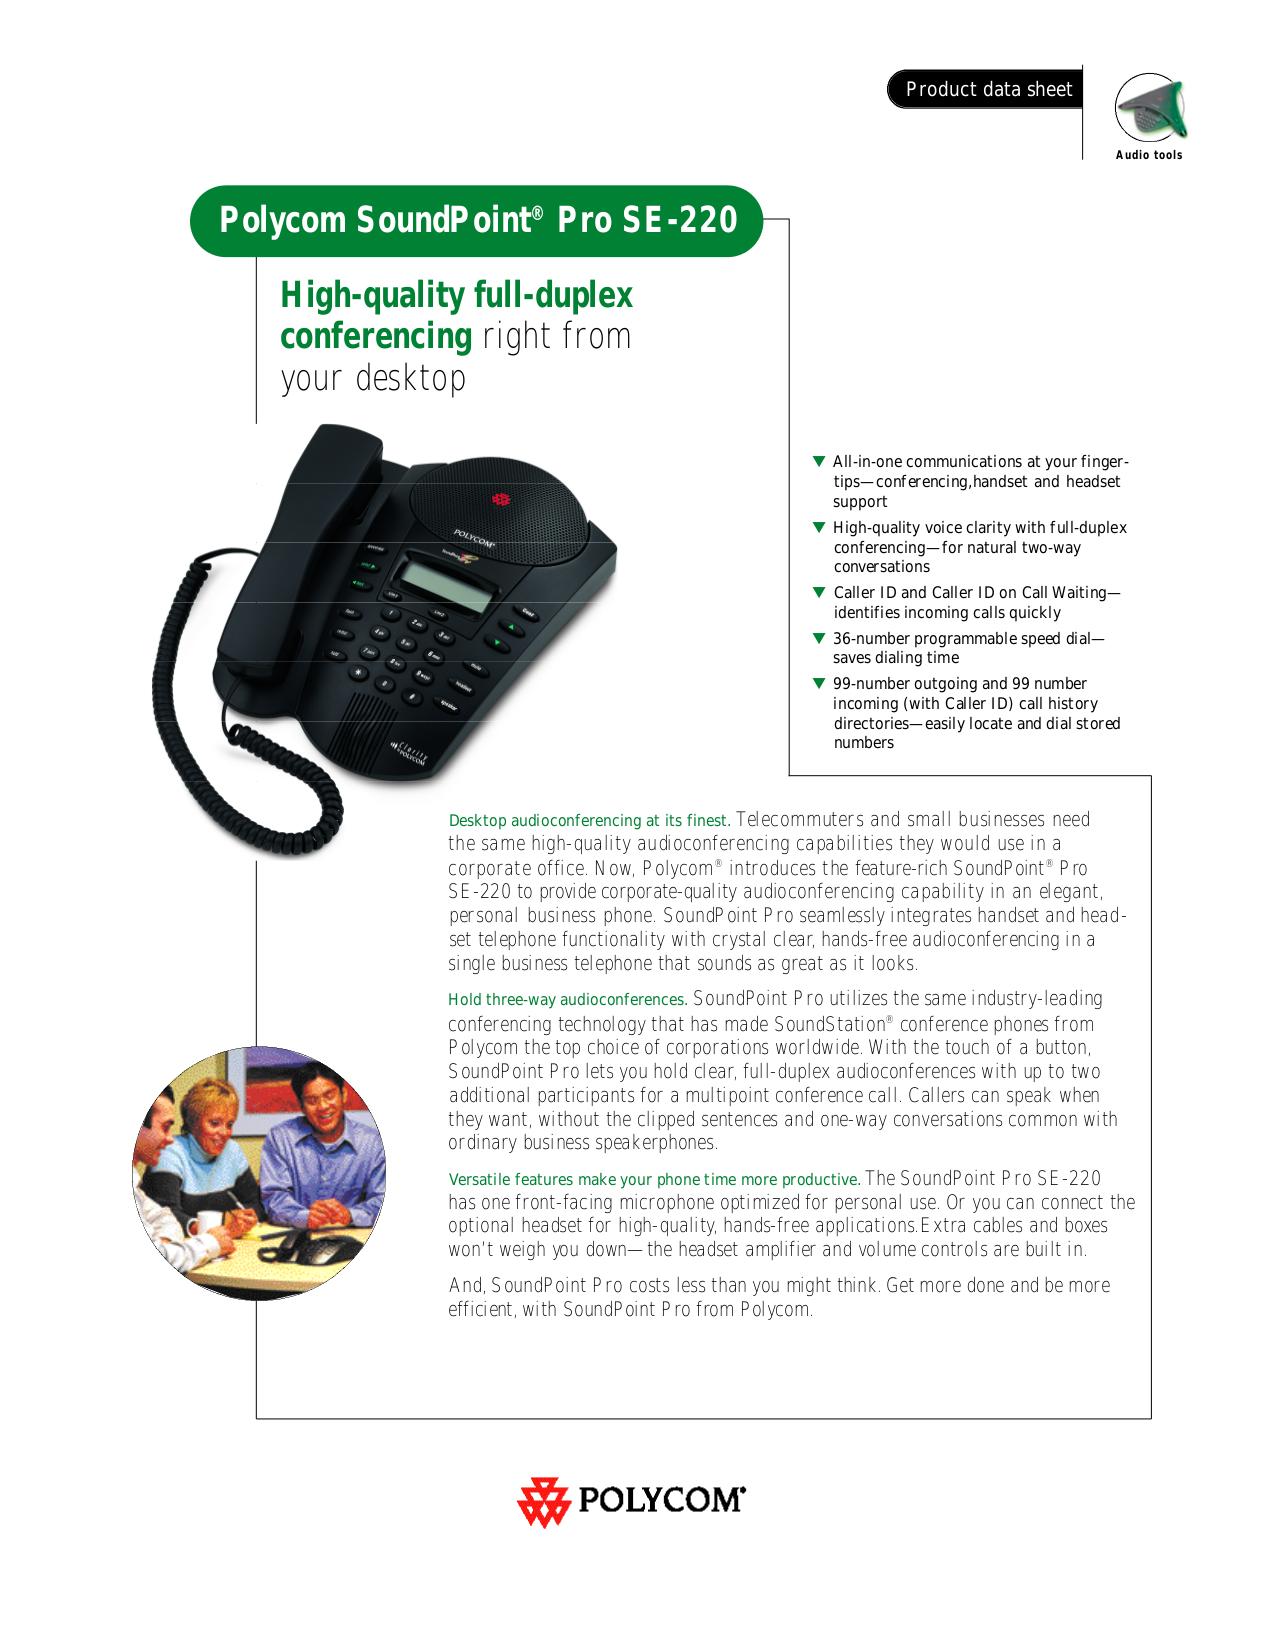 download free pdf for polycom soundpoint pro se 220 telephone manual rh umlib com Polycom SoundPoint Pro SE-225 polycom soundpoint pro se-225 corded phone manual